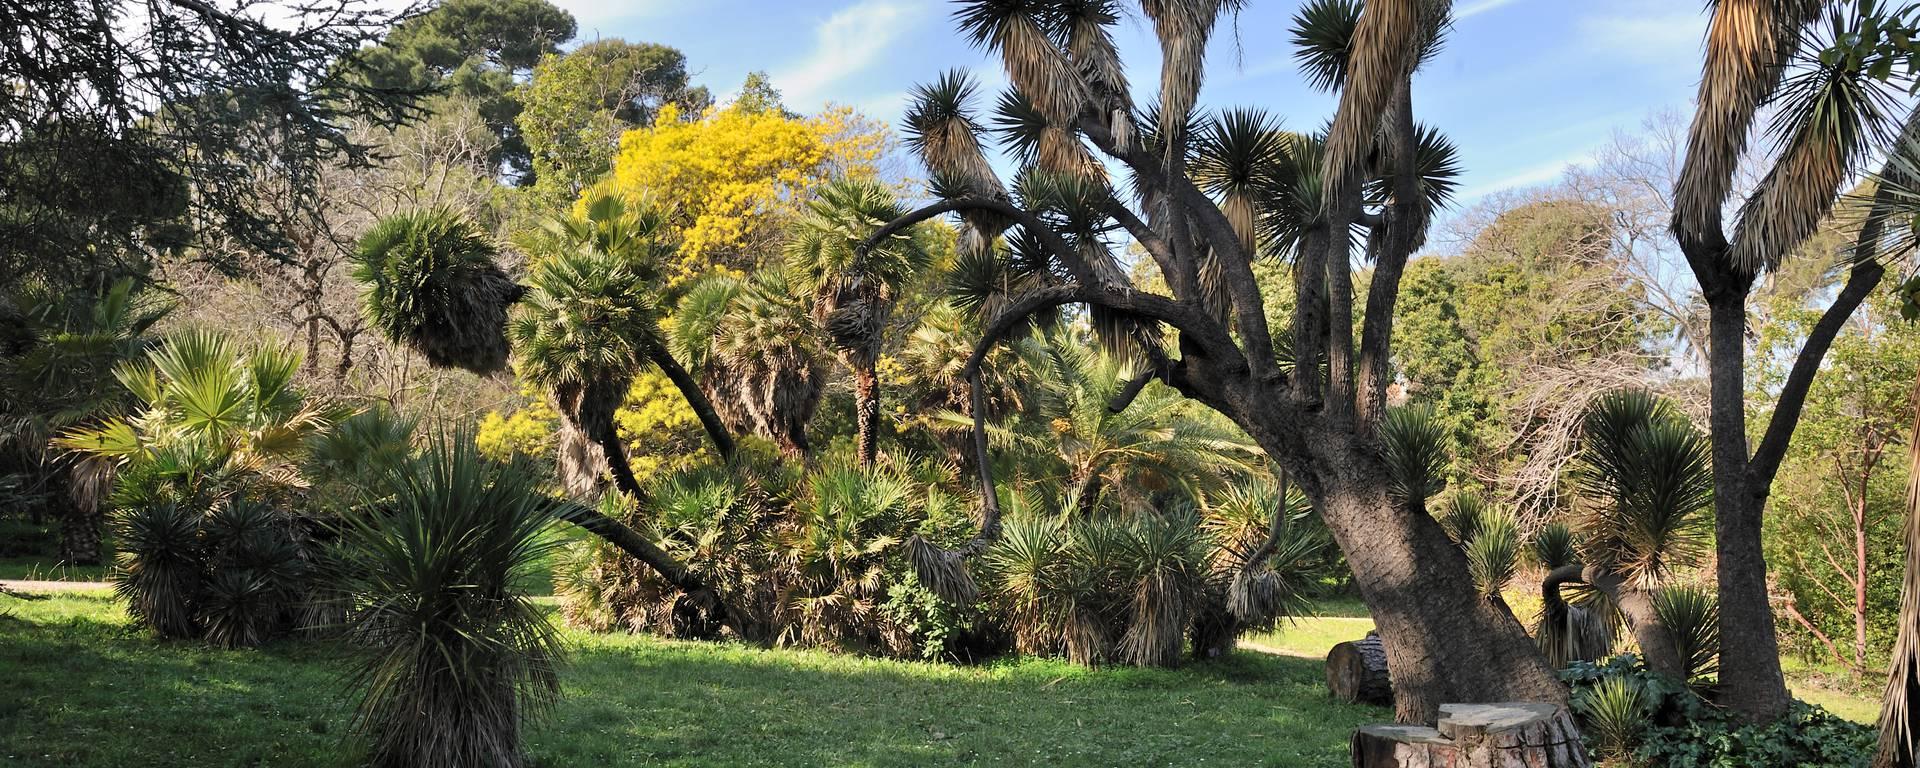 Thuret Botanical Gardens ©Mairie d'Antibes